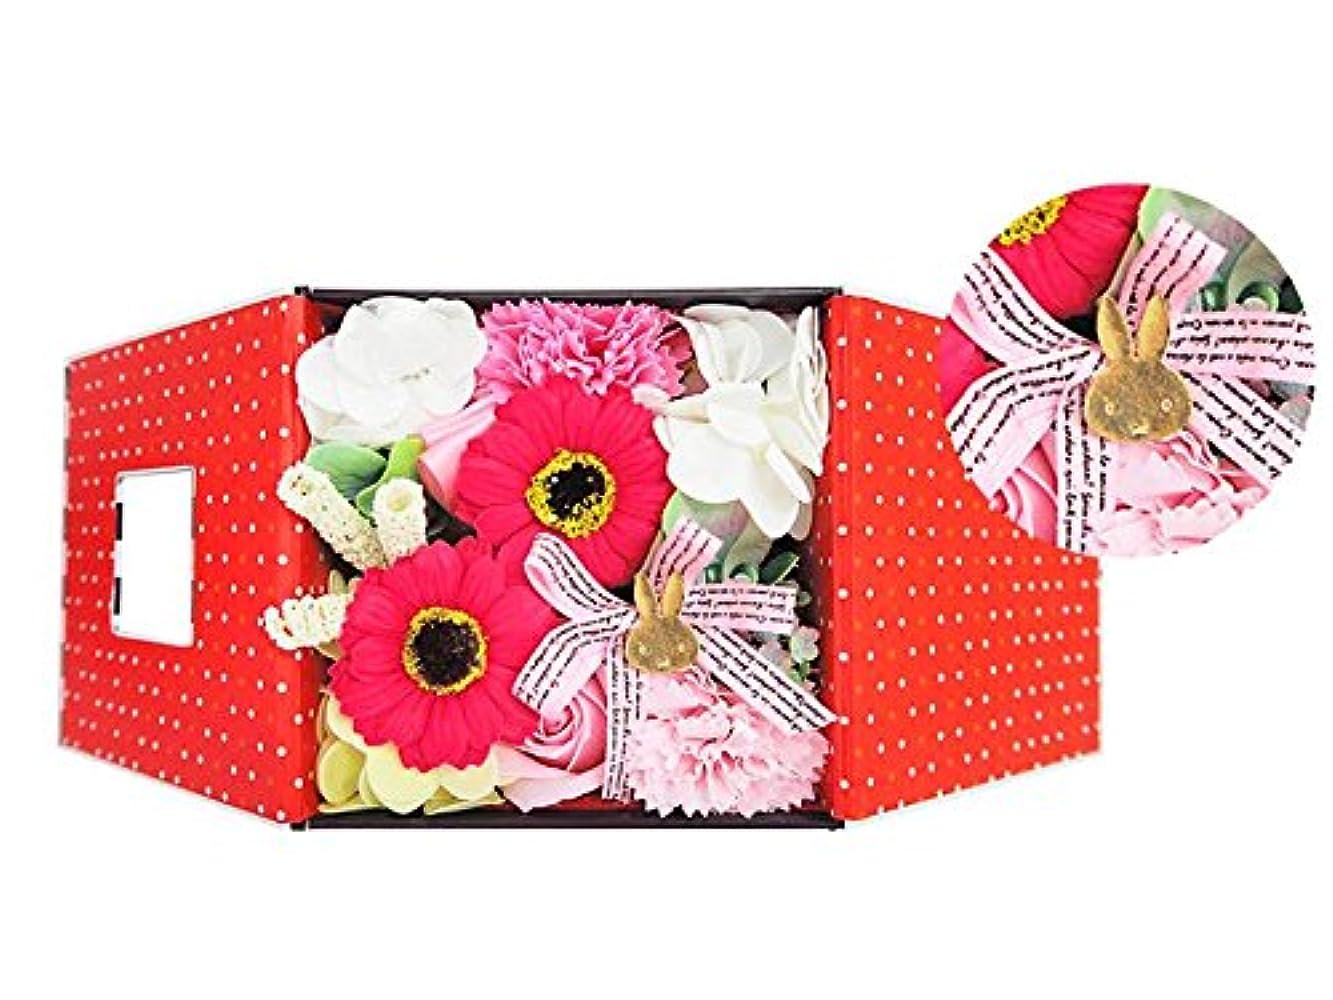 不愉快脱臼する神秘お花のカタチの入浴剤 ミッフィーバスフレグランスボックス 誕生日 記念日 お祝い (ピンク)